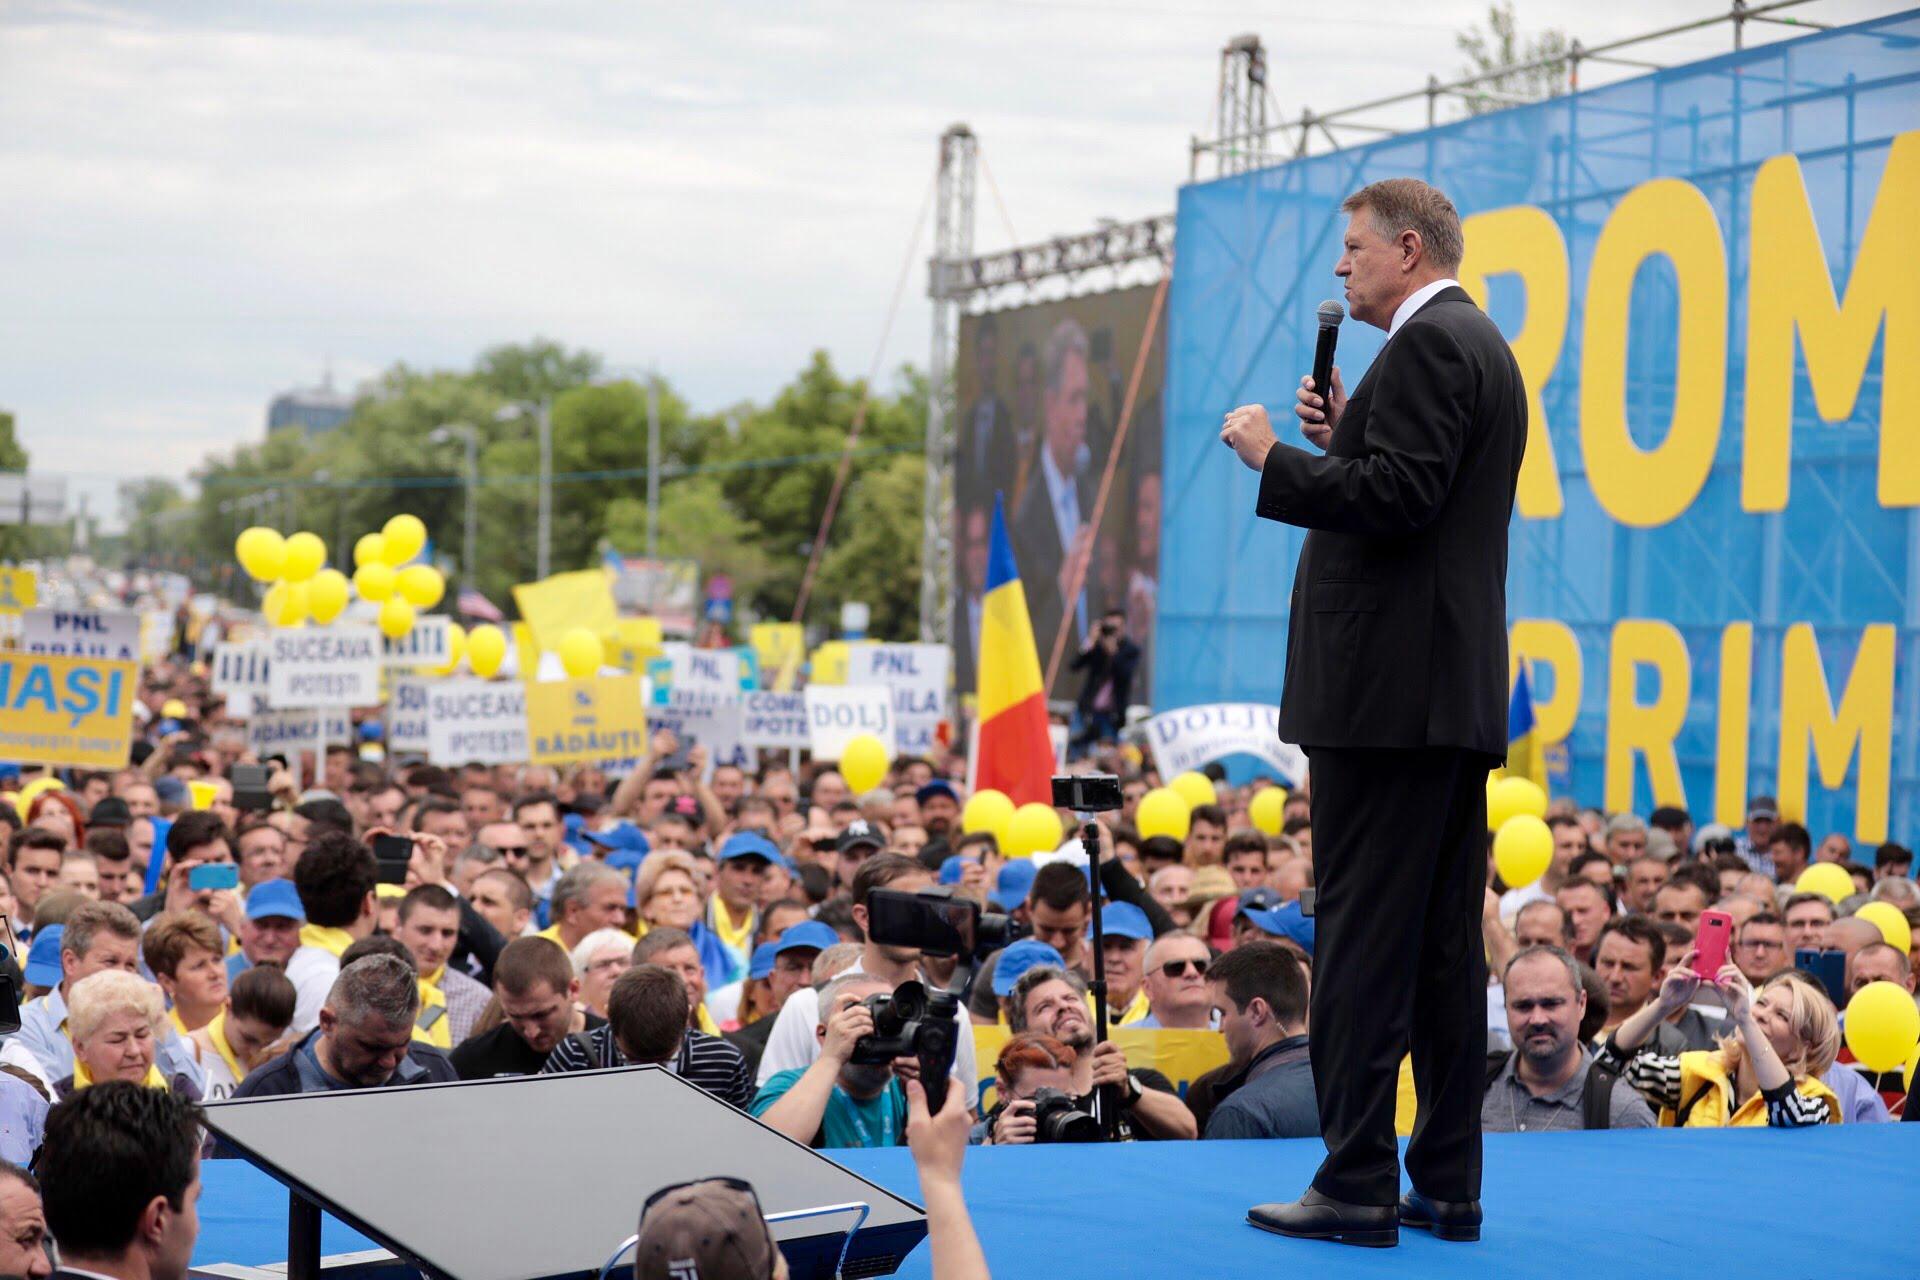 Președintele PNL Neamț, Mugur Cozmanciuc, alături de președintele României, Klaus Iohannis! Peste 800 de liberali nemțeni au participat la mitingul din Piața Victoriei!